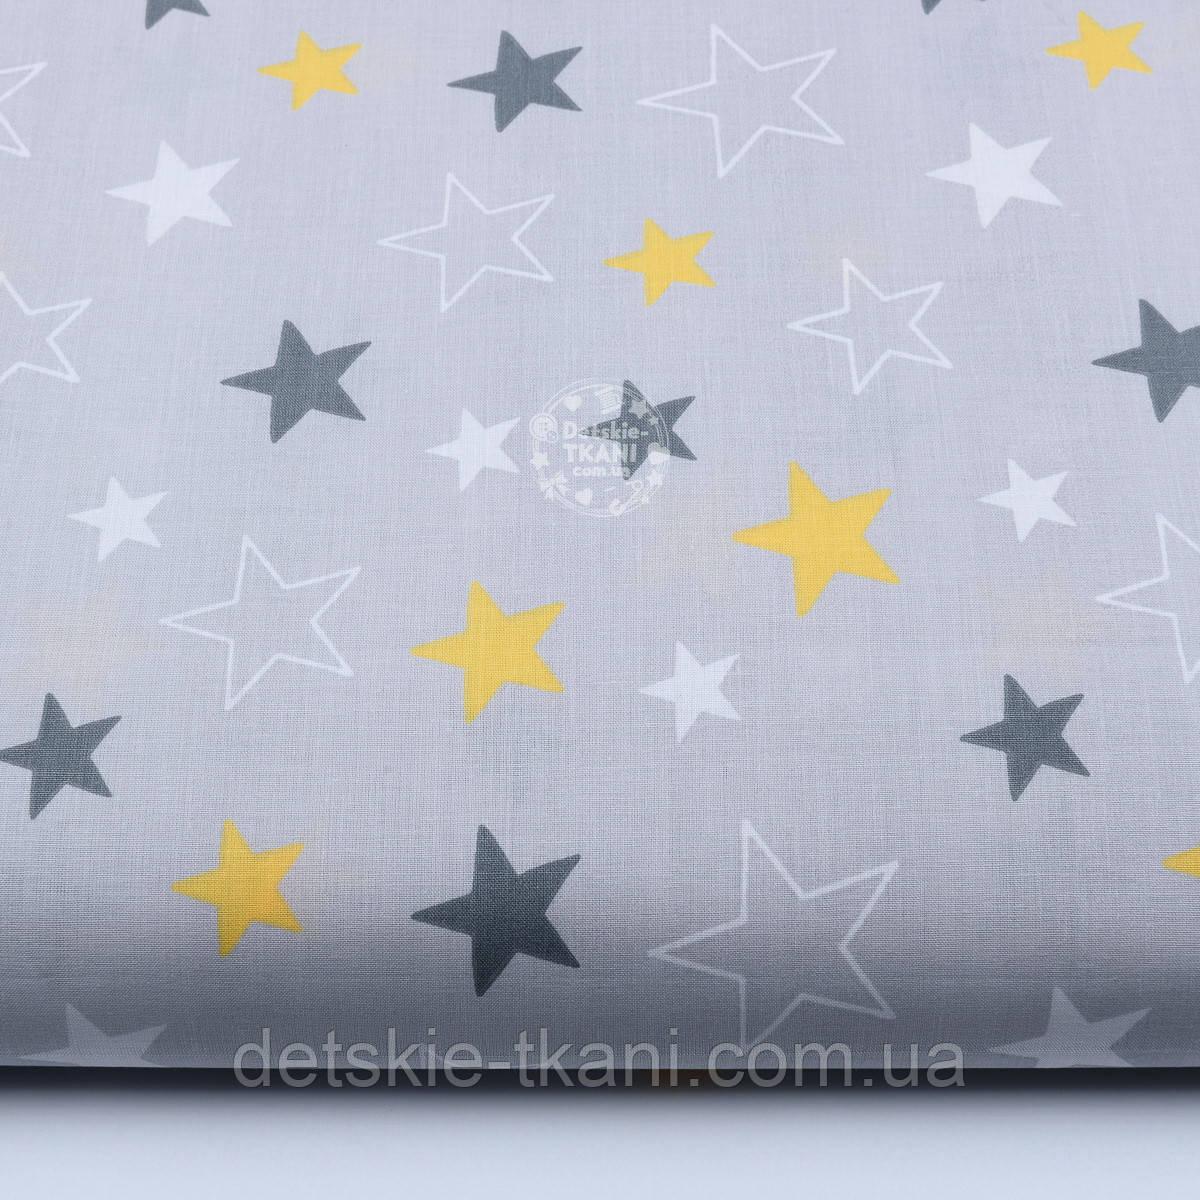 """Ткань """"Звёздный карнавал"""" с жёлтыми и графитовыми звёздами на сером фоне, № 1039а"""